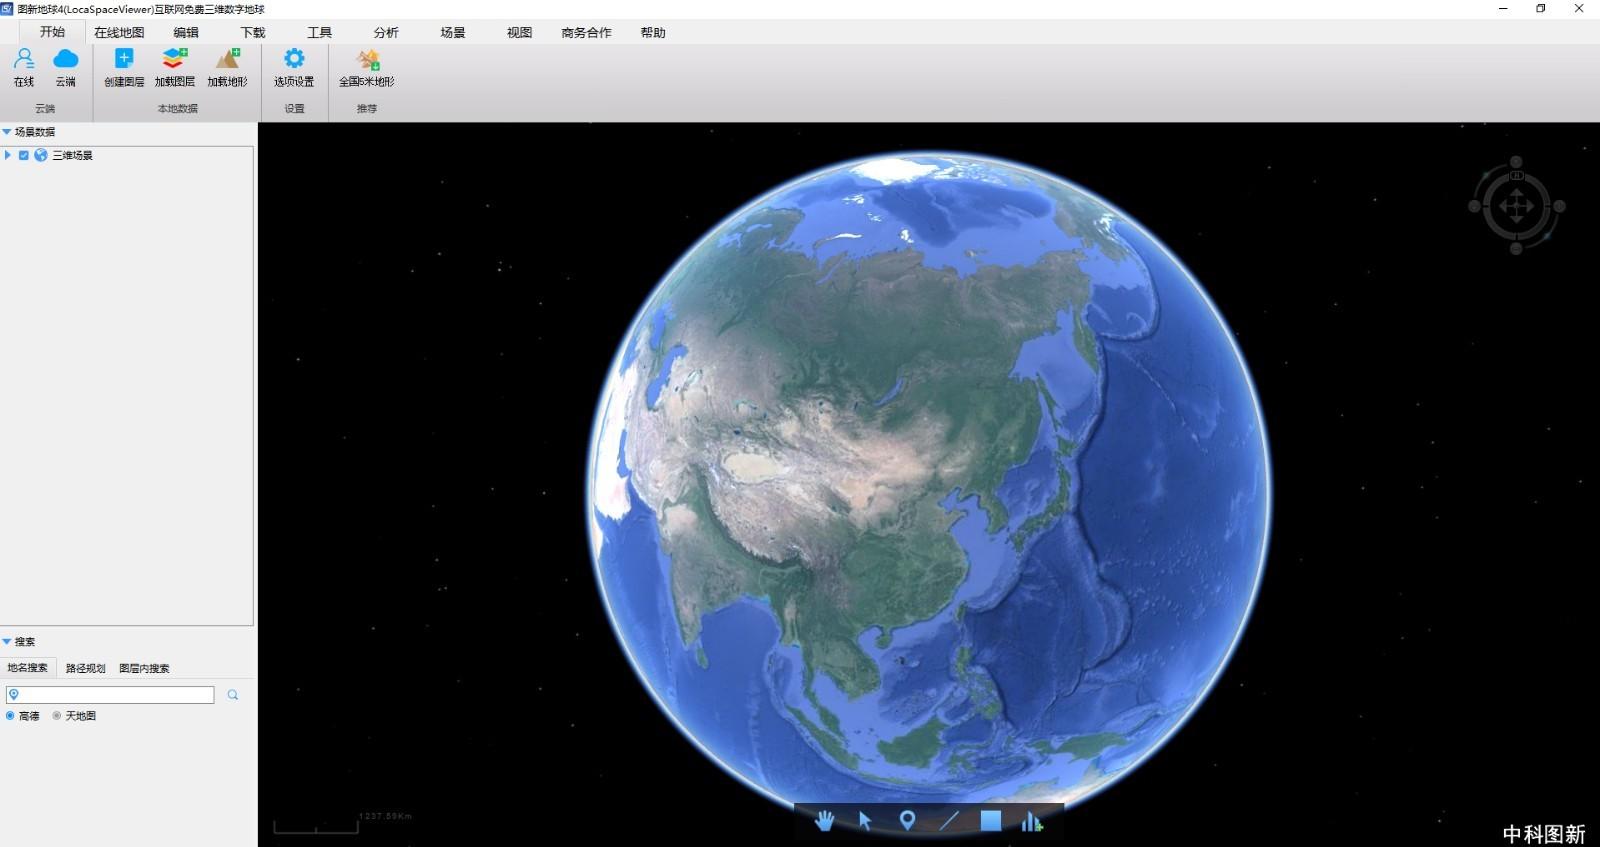 LocaSpace Viewer软件截图1